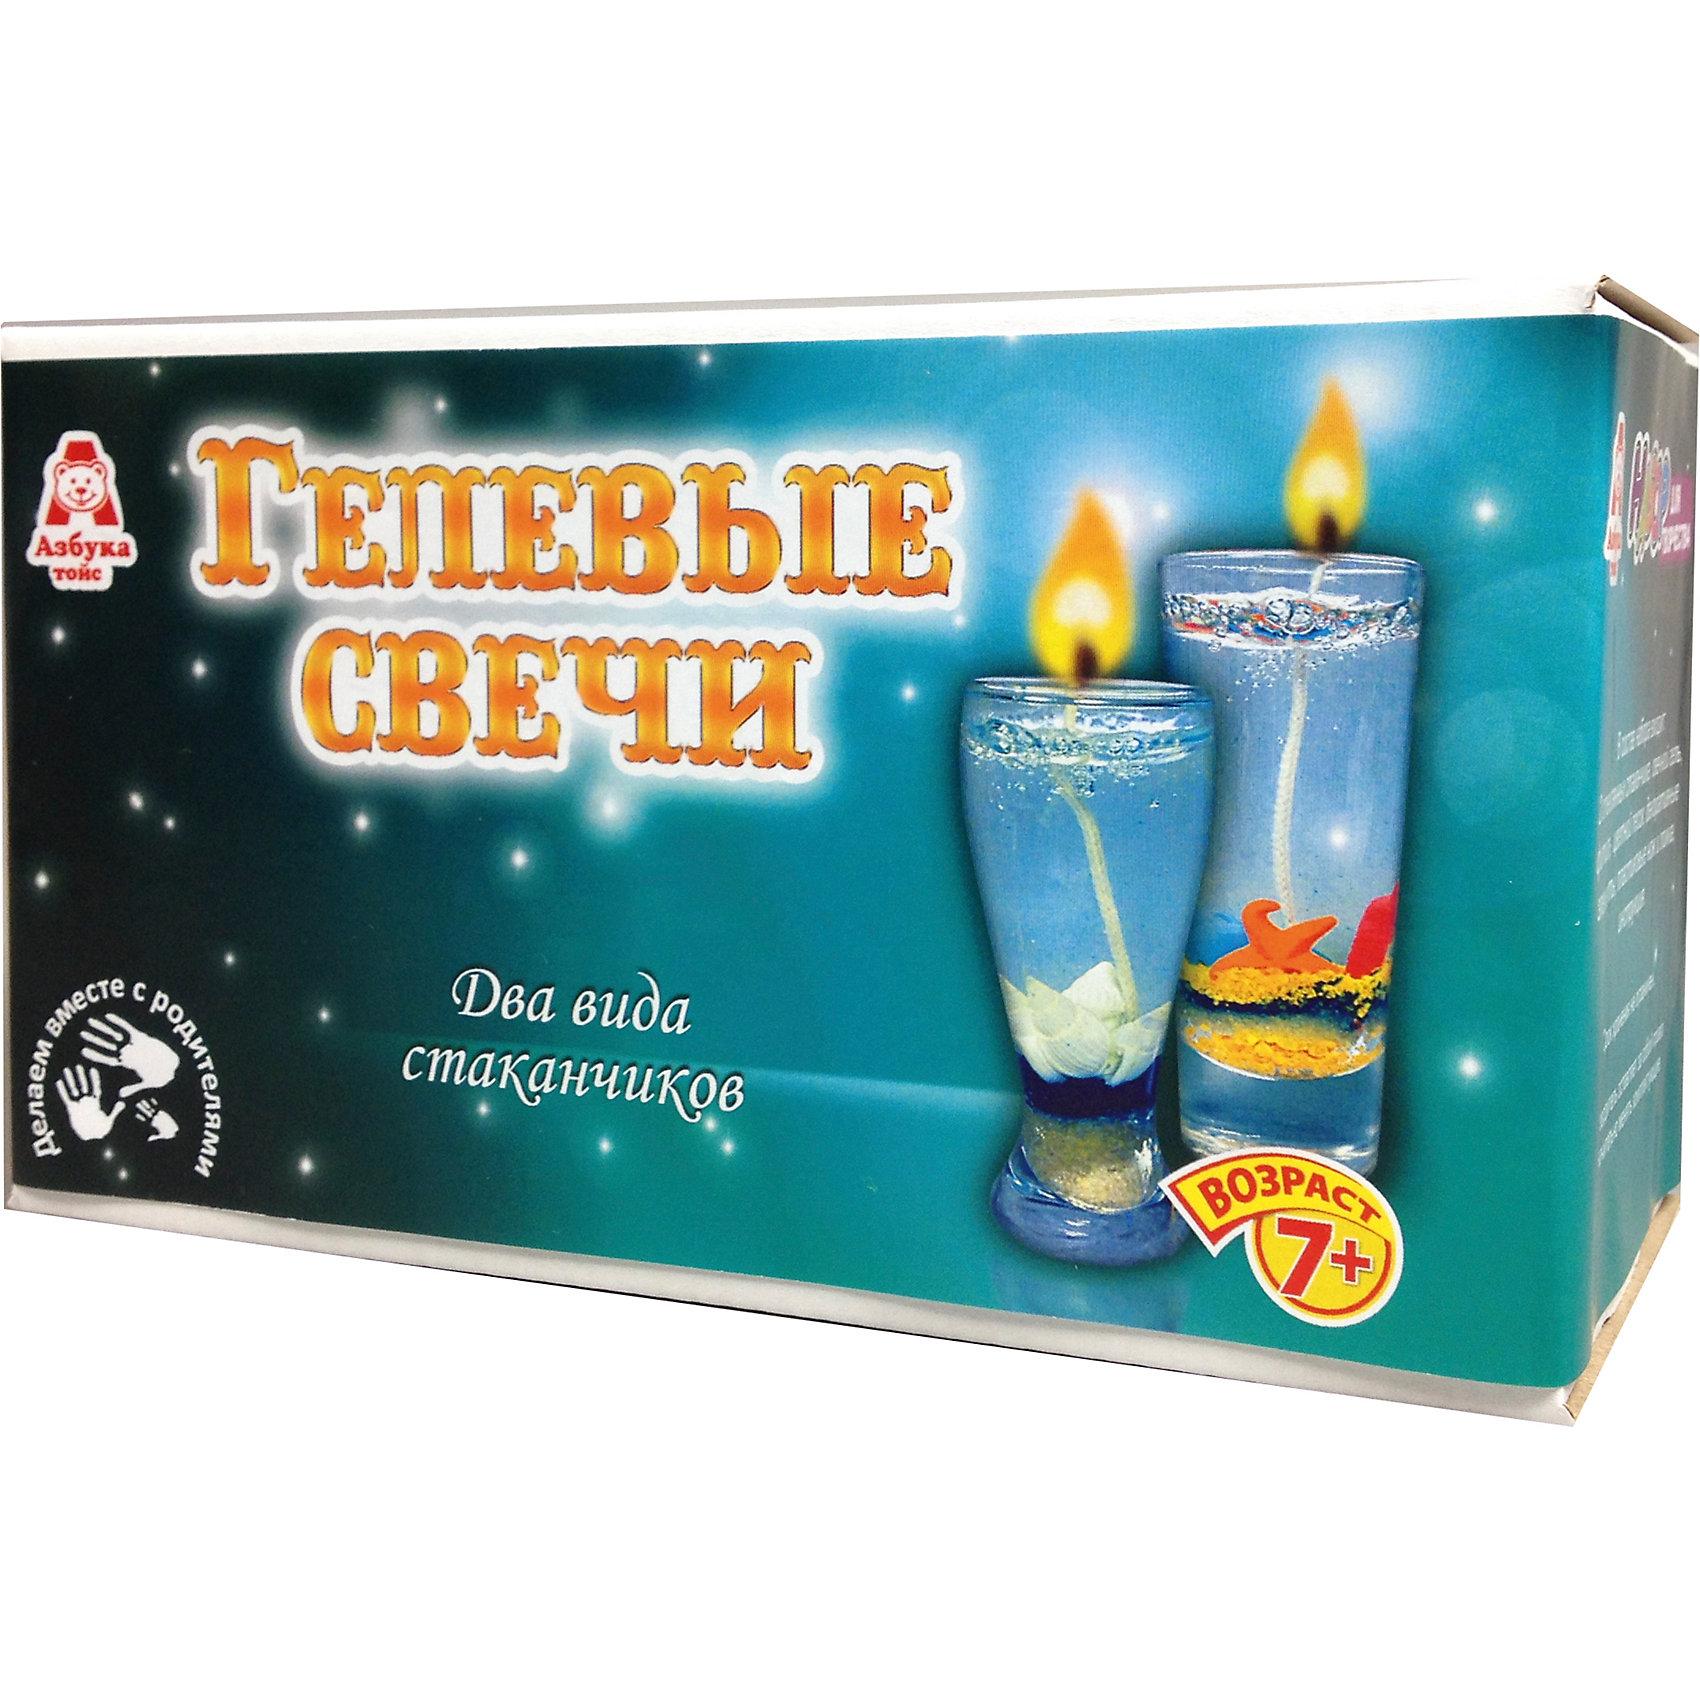 Свечи  гелевые Морской бризПредлагаем Вам погрузиться в захватывающий процесс создания гелевых свечей. Свечи, сделанные своими руками, могут стать интересным дополнением Вашего интерьера и оригинальным подарком к любому празднику.<br>В состав набора входит:<br>2 стеклянных стаканчика, гель, фитиль, пластмассовый ножик и ложка, песок, декоративные элементы, инструкция.<br>Возраст: 7+<br>Сделано в России.<br>Изготовитель: ООО Азбука Тойc<br><br>Ширина мм: 170<br>Глубина мм: 80<br>Высота мм: 100<br>Вес г: 470<br>Возраст от месяцев: 84<br>Возраст до месяцев: 144<br>Пол: Унисекс<br>Возраст: Детский<br>SKU: 5062898